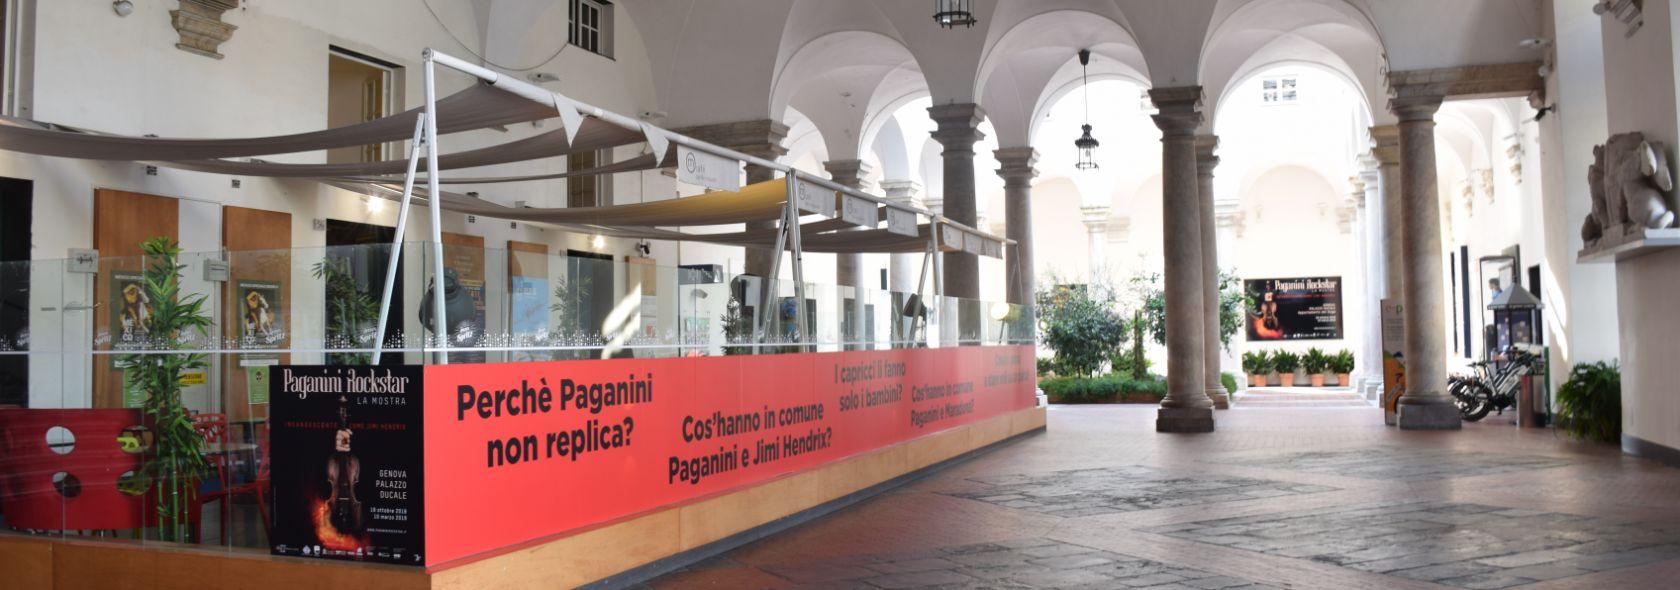 Palazzo Ducale - Foto Ufficio Comunicazione Città Metropolitana di Genova